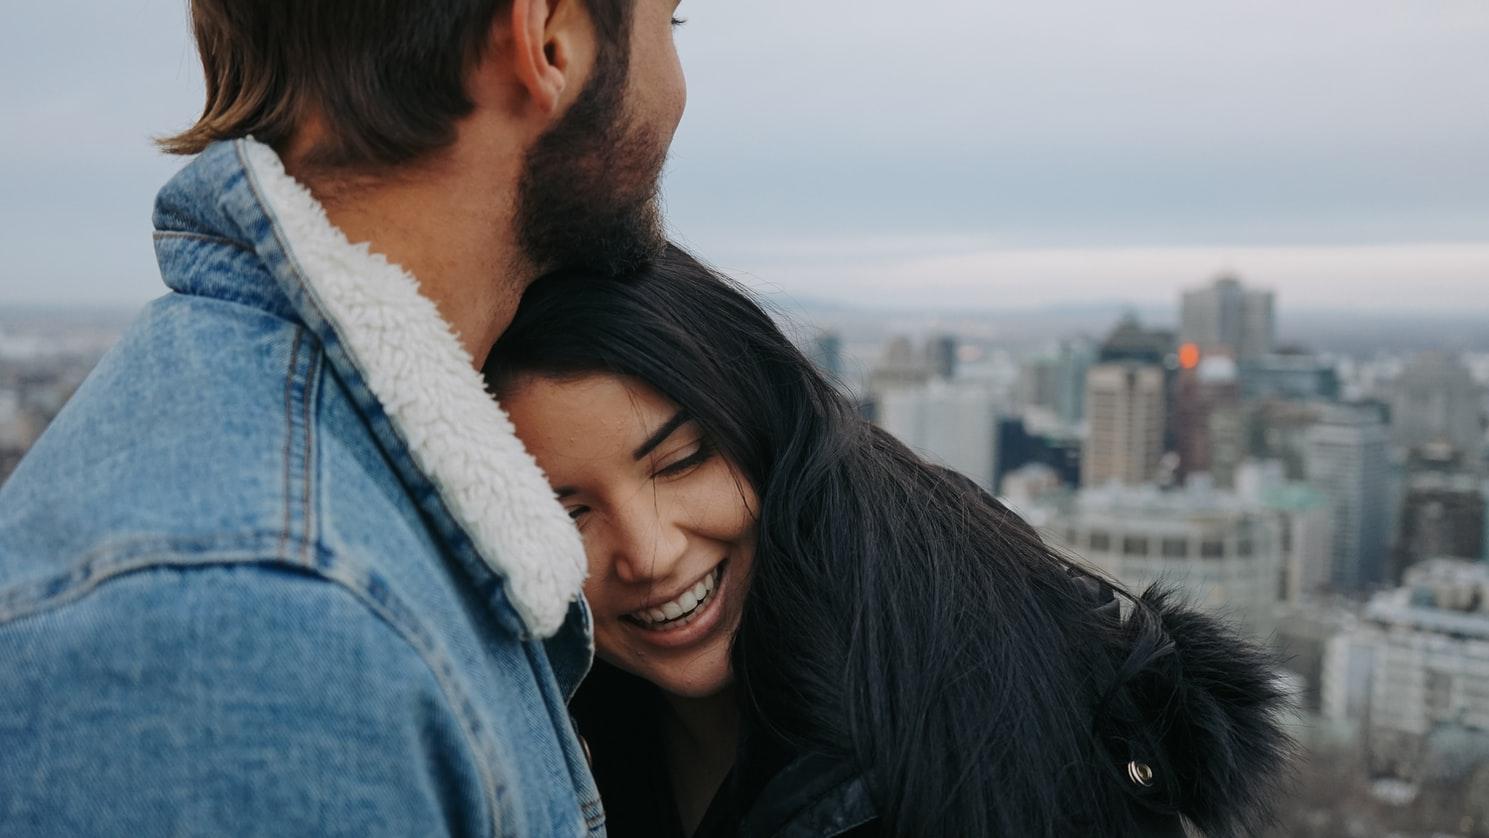 不倫占い|ただ愛し、ただ愛されたいだけ【純愛不倫】相手の本心